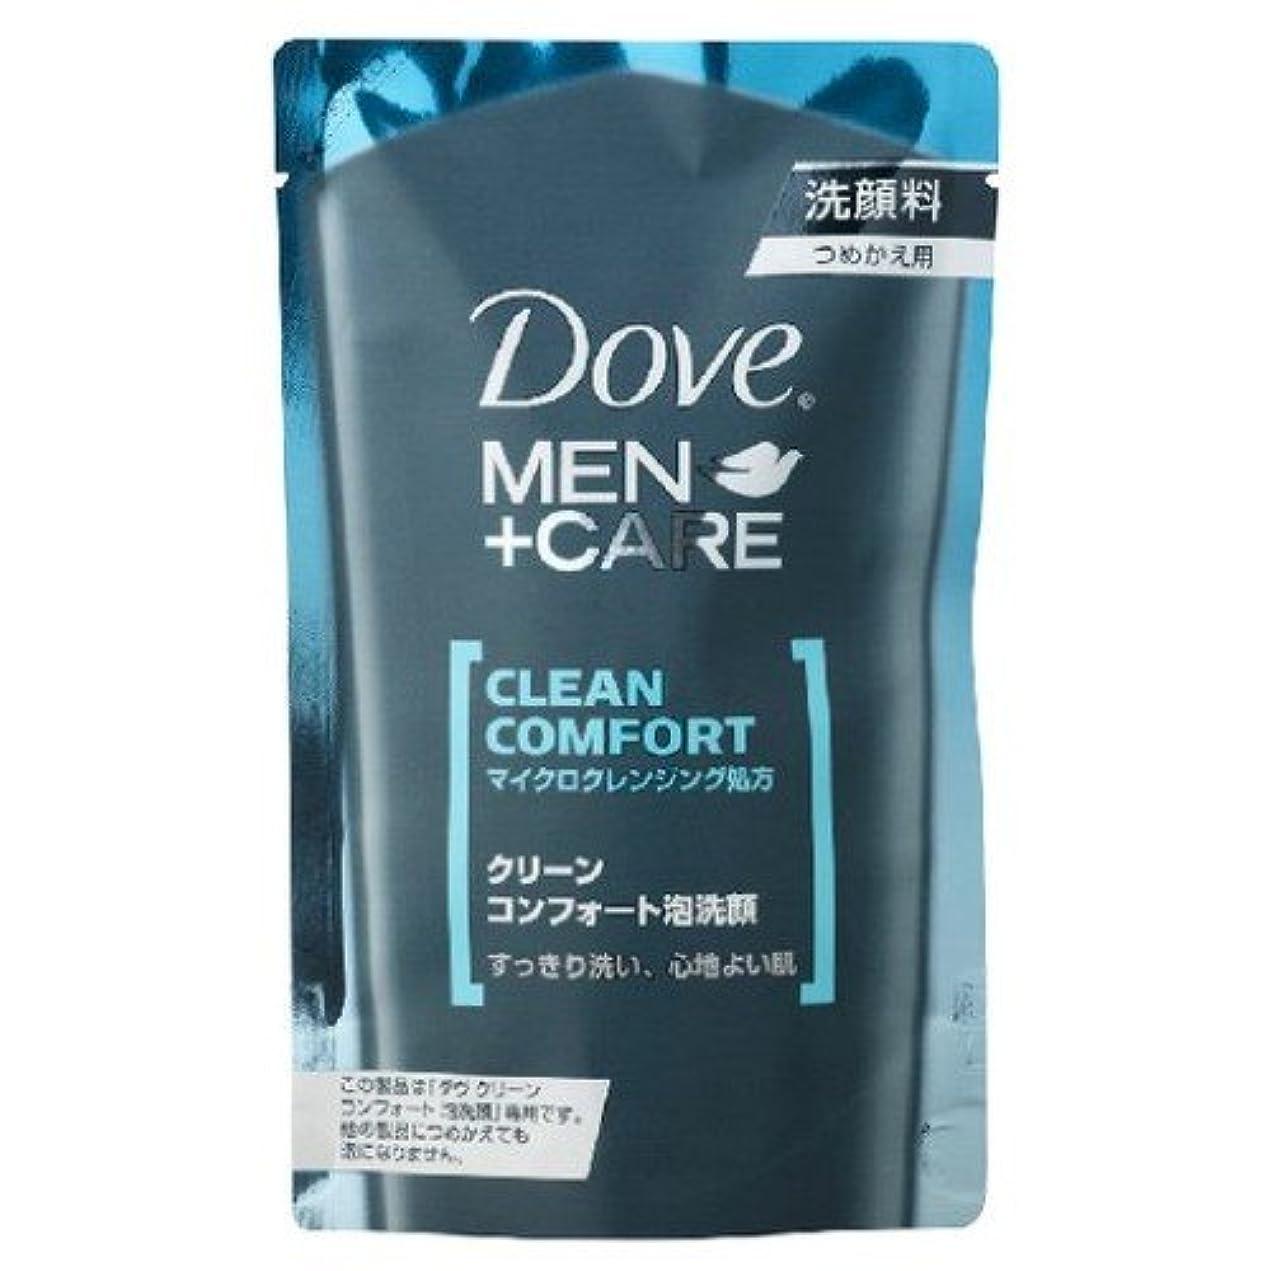 一元化する契約する秀でるダヴ クリーンコンフォート 泡洗顔 つめかえ用 110ml